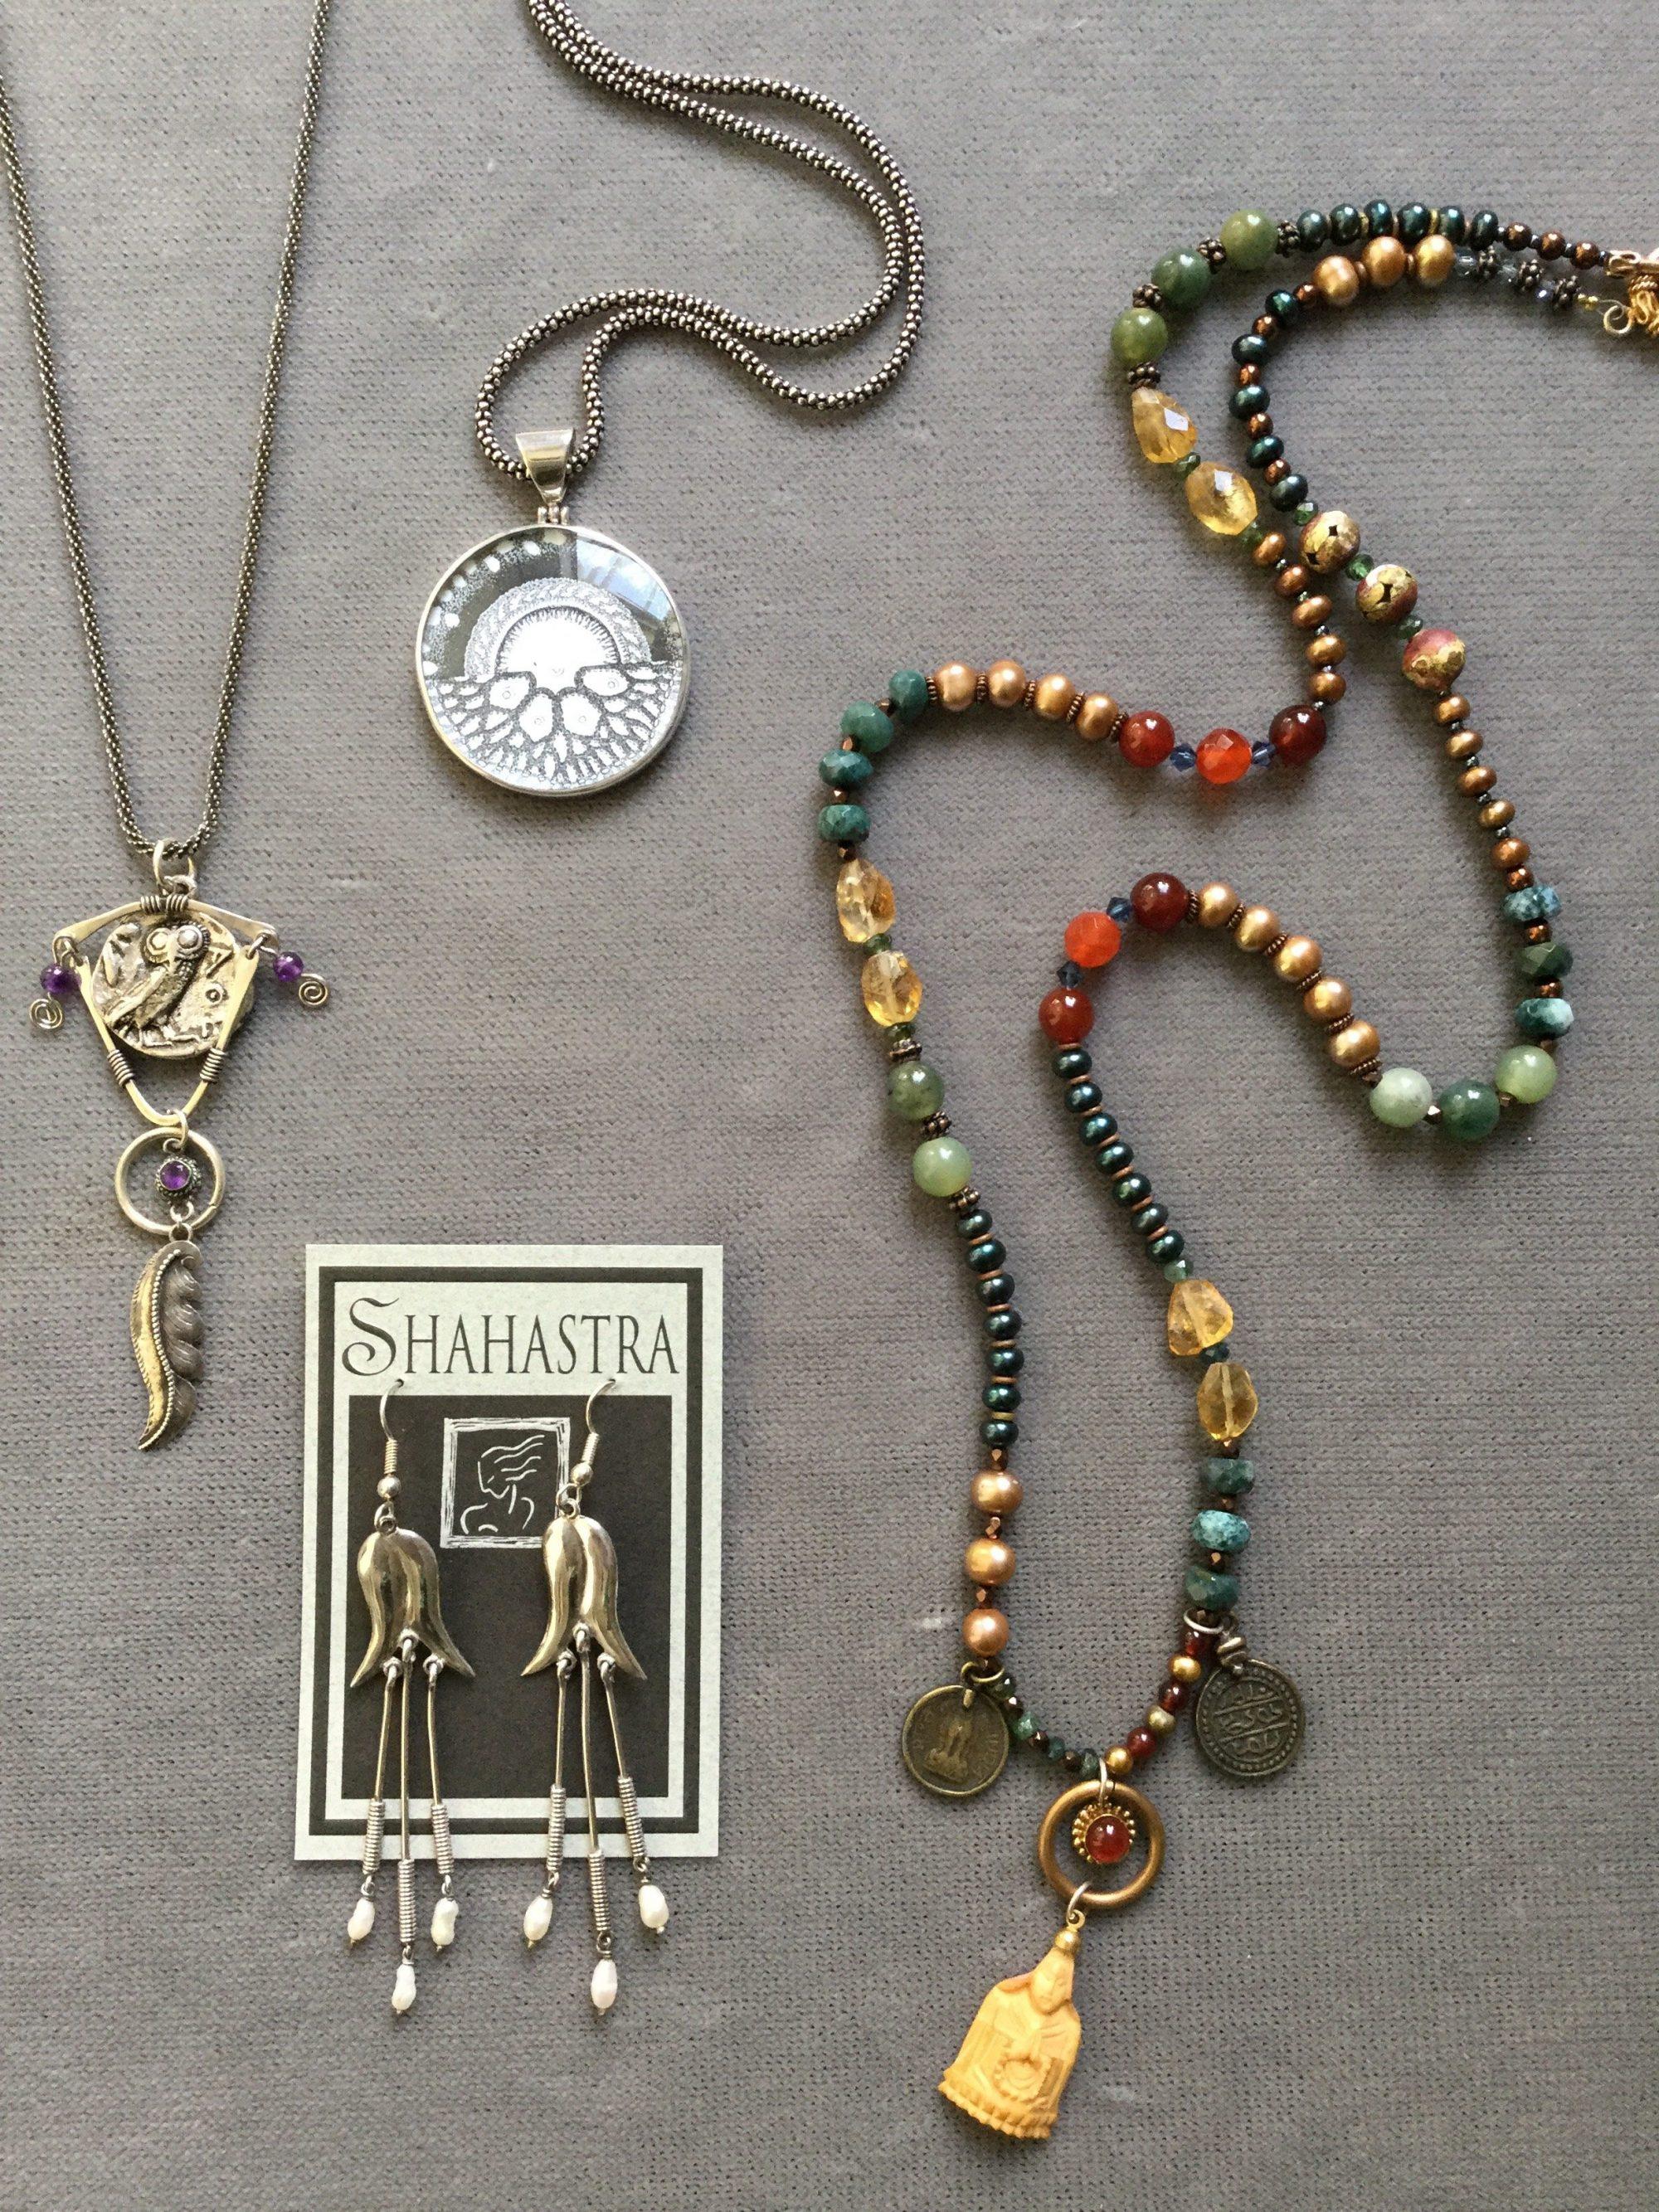 Shahastra Jewelry